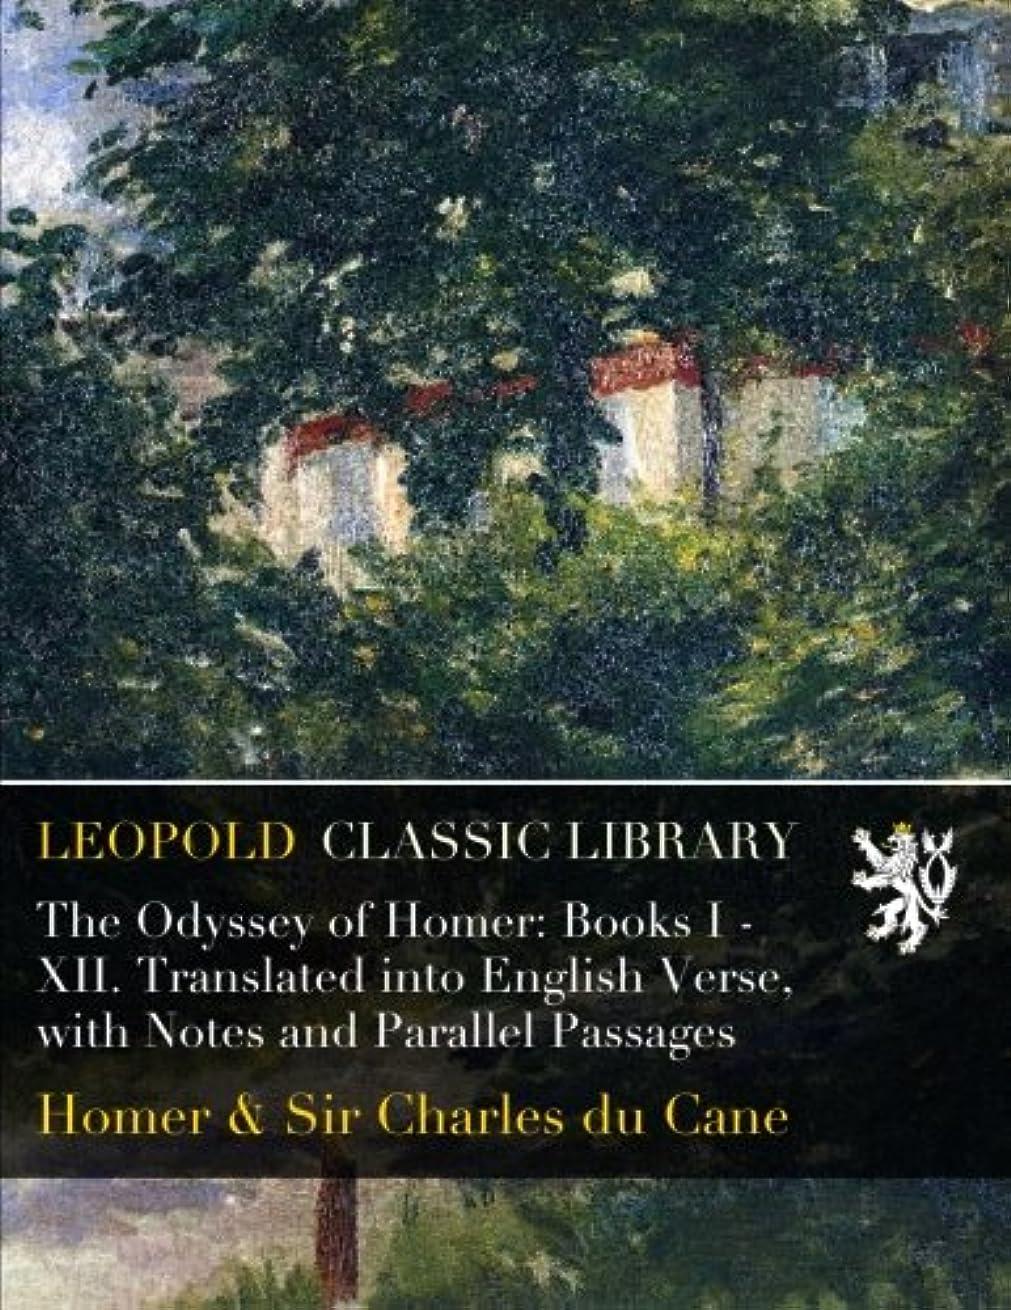 バタフライ溶かす反対にThe Odyssey of Homer: Books I - XII. Translated into English Verse, with Notes and Parallel Passages